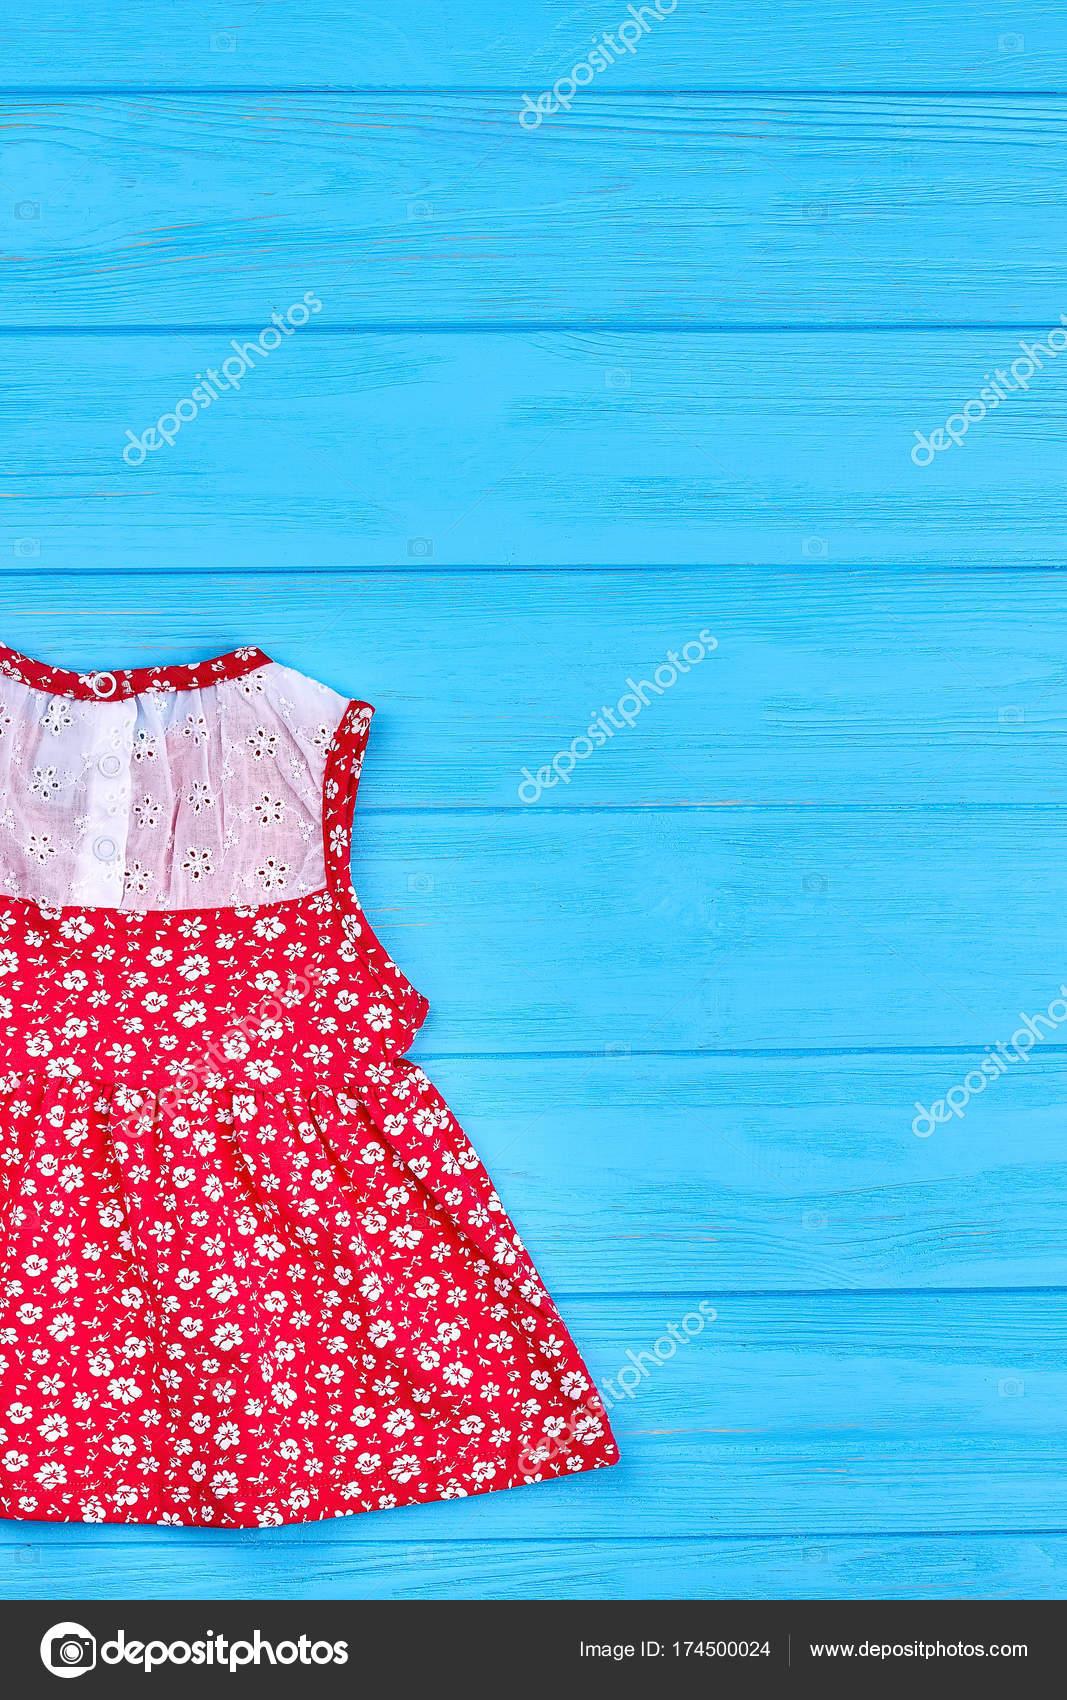 Baby красное платье с узором из цветов — Стоковое фото © Denisfilm ... b6cfd3e4757bf